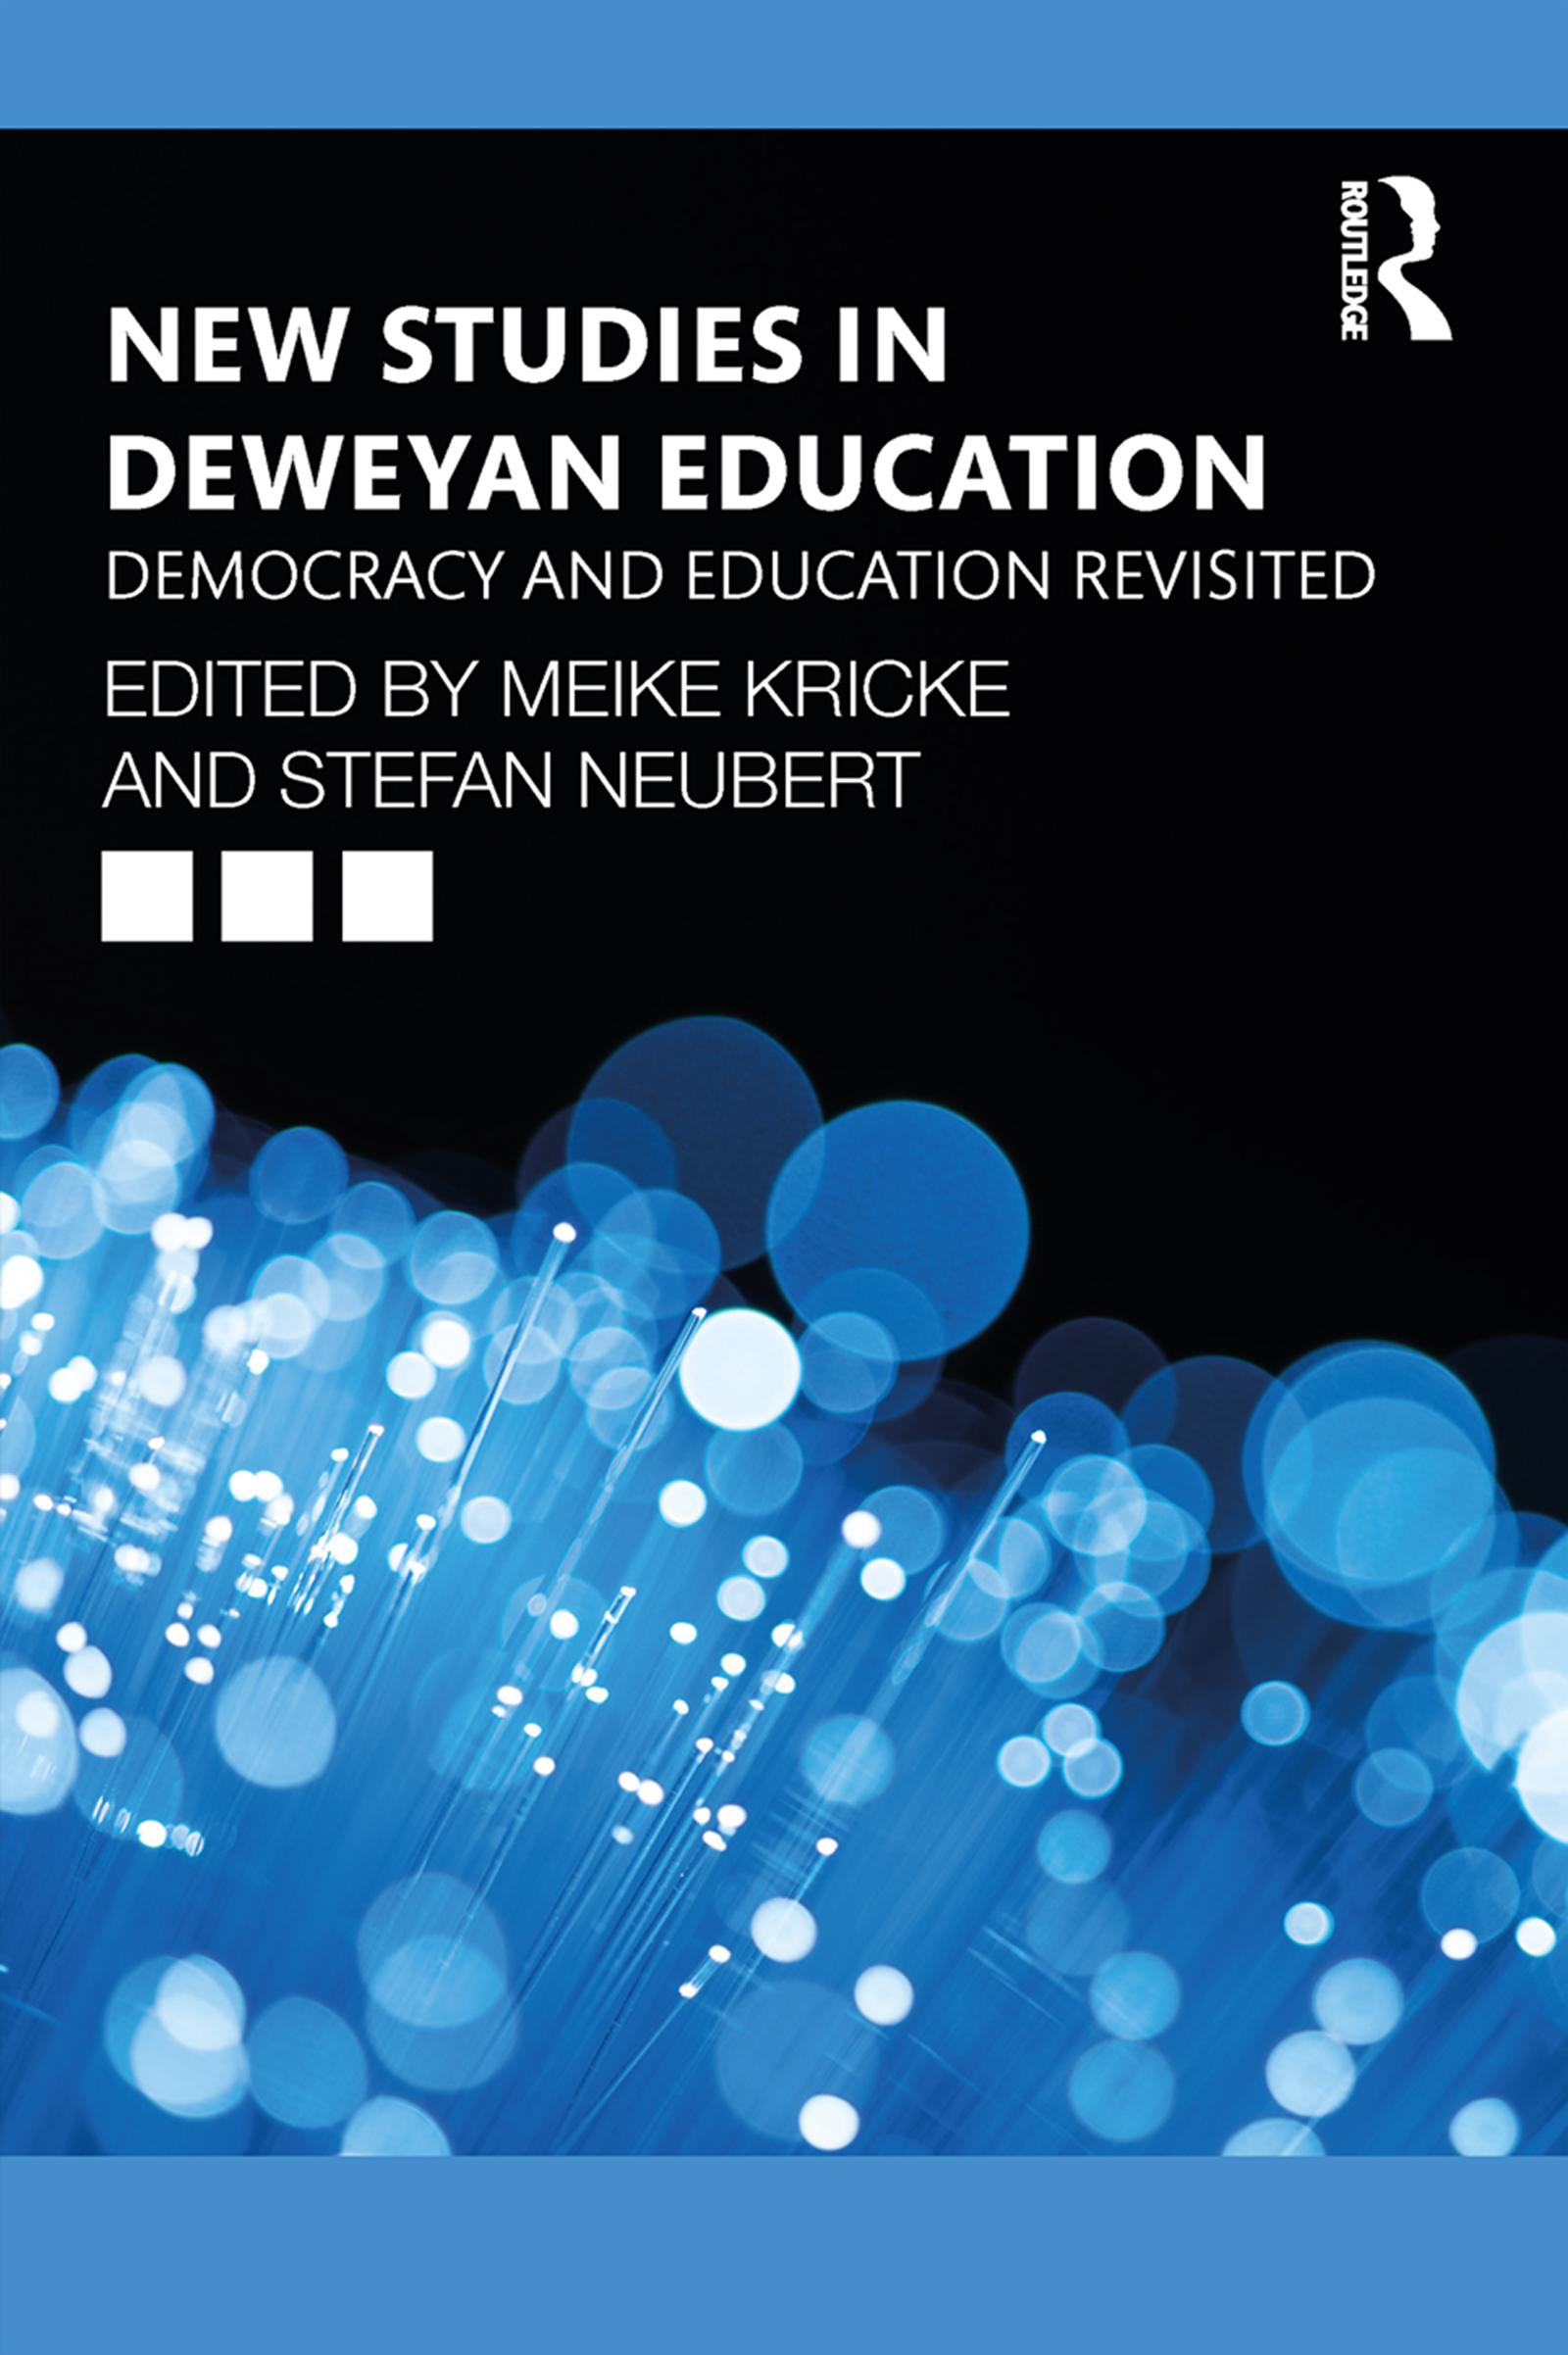 New Studies in Deweyan Education